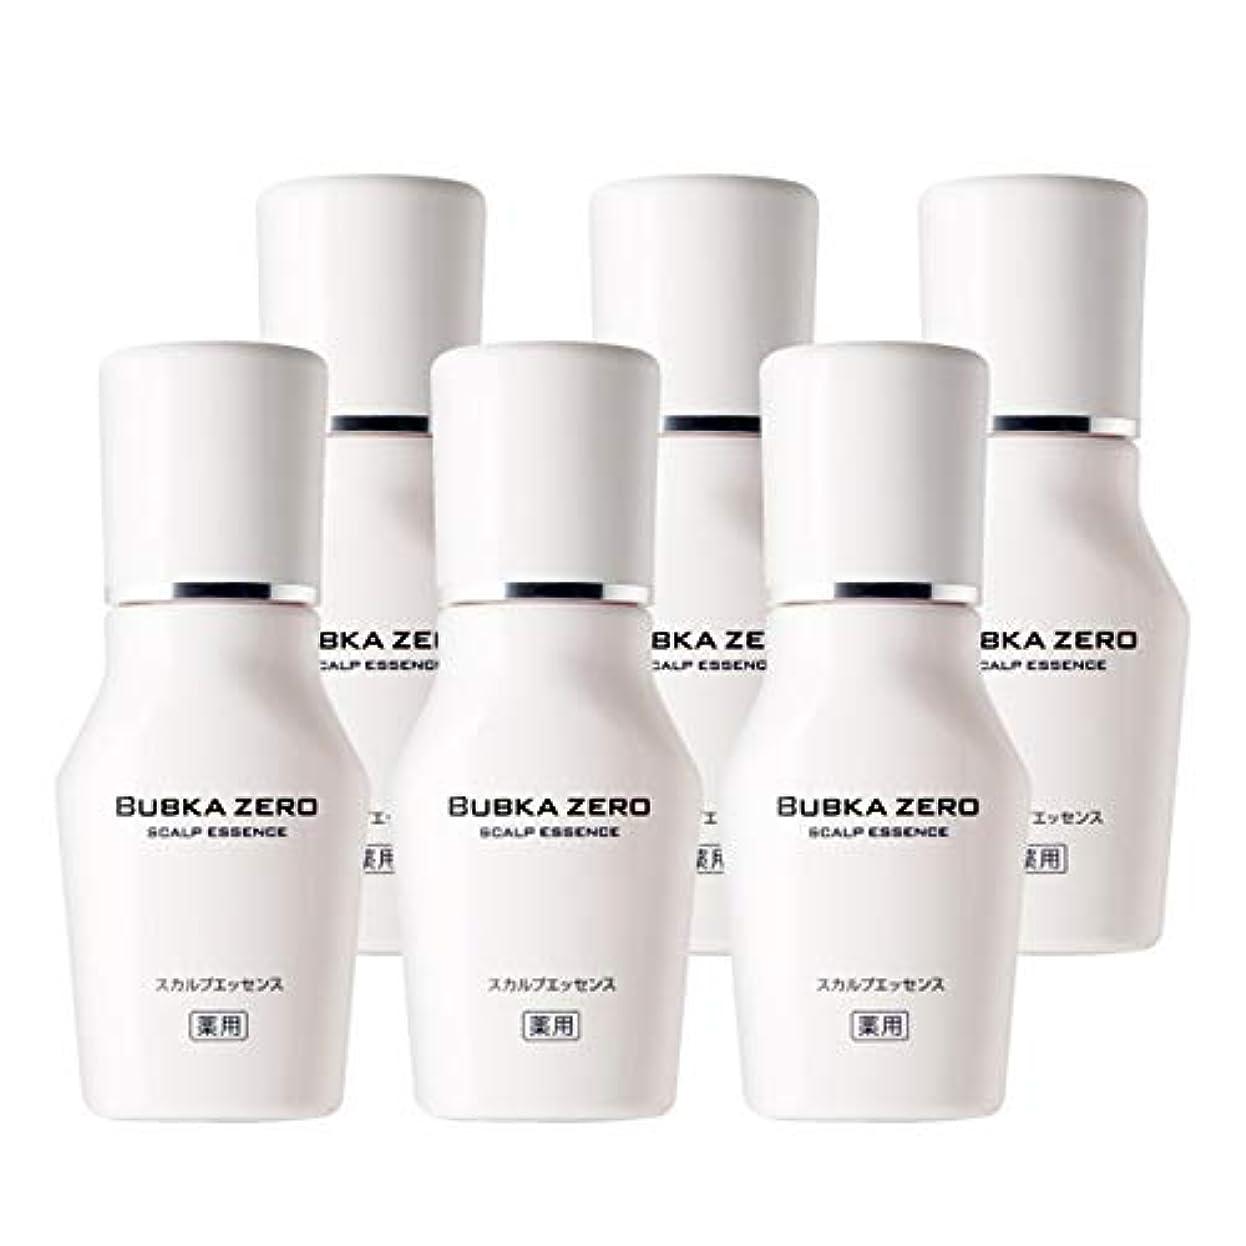 【医薬部外品】BUBKA(ブブカ)薬用 スカルプエッセンス 育毛剤 BUBKA ZERO (ブブカ ゼロ)6本セット